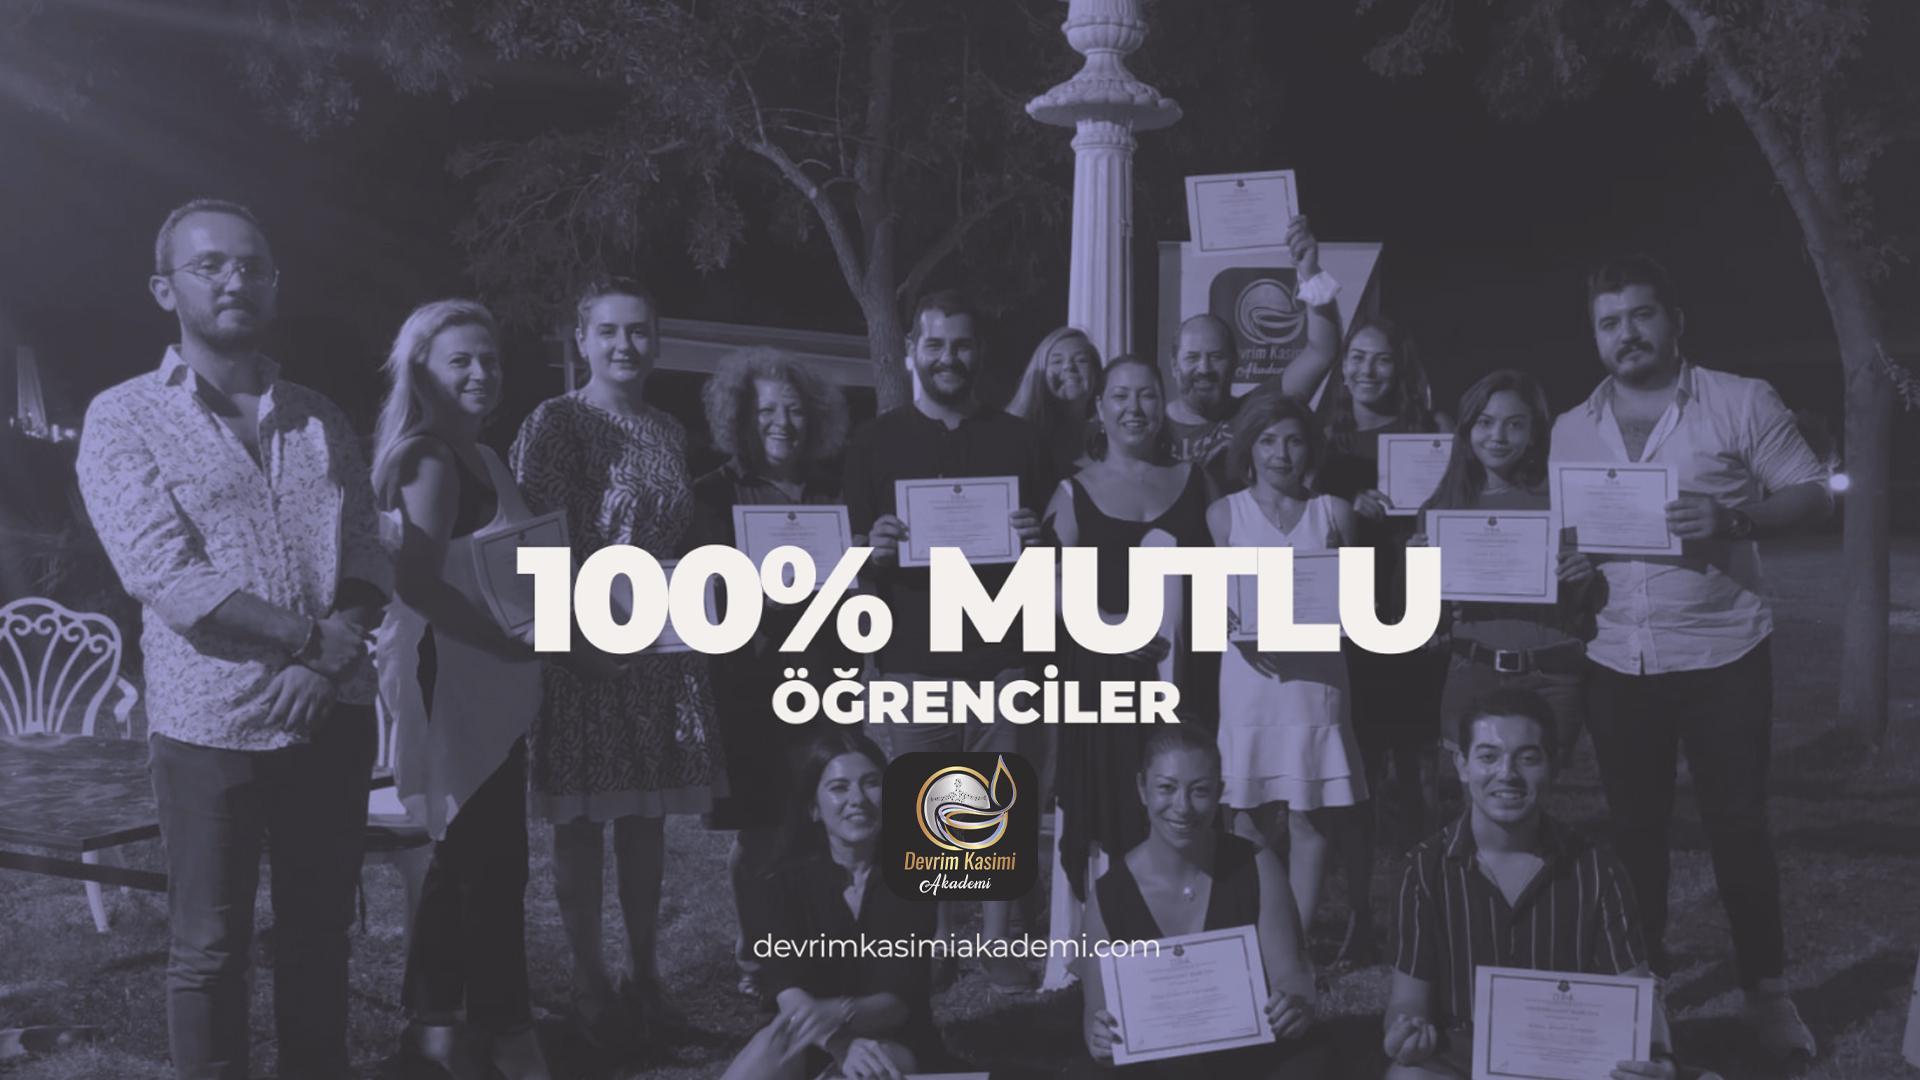 100% MUTLU ÖĞRENCİLER YOUTUBE COVER